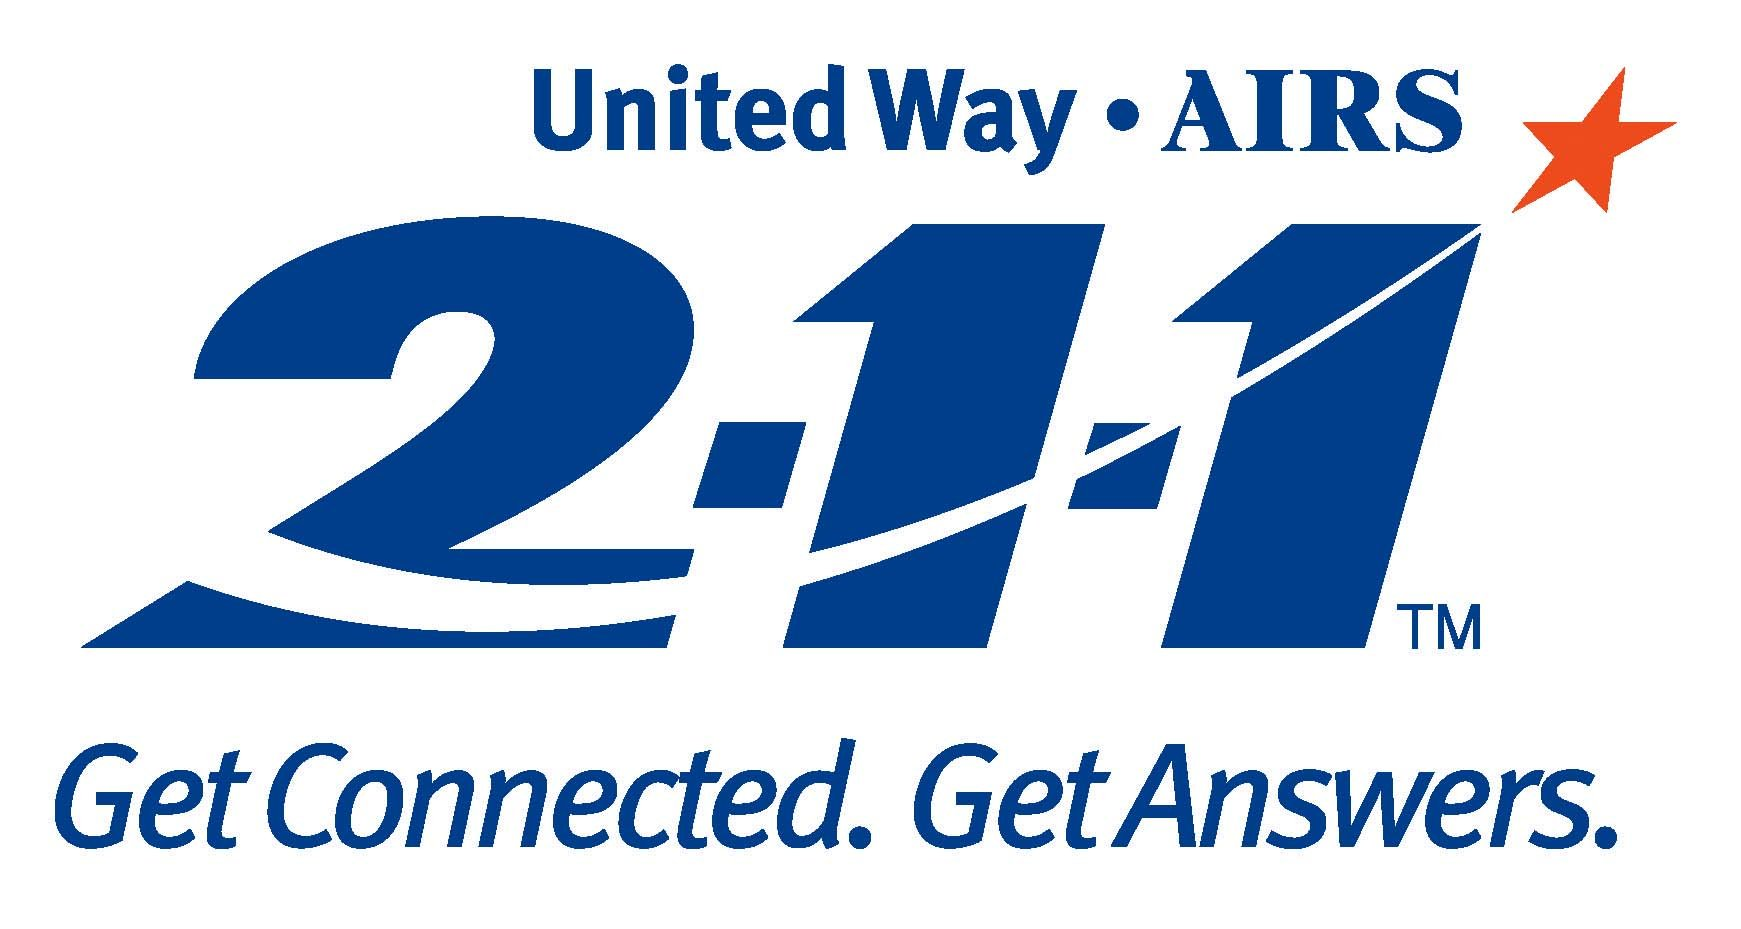 Butler County 211 Service